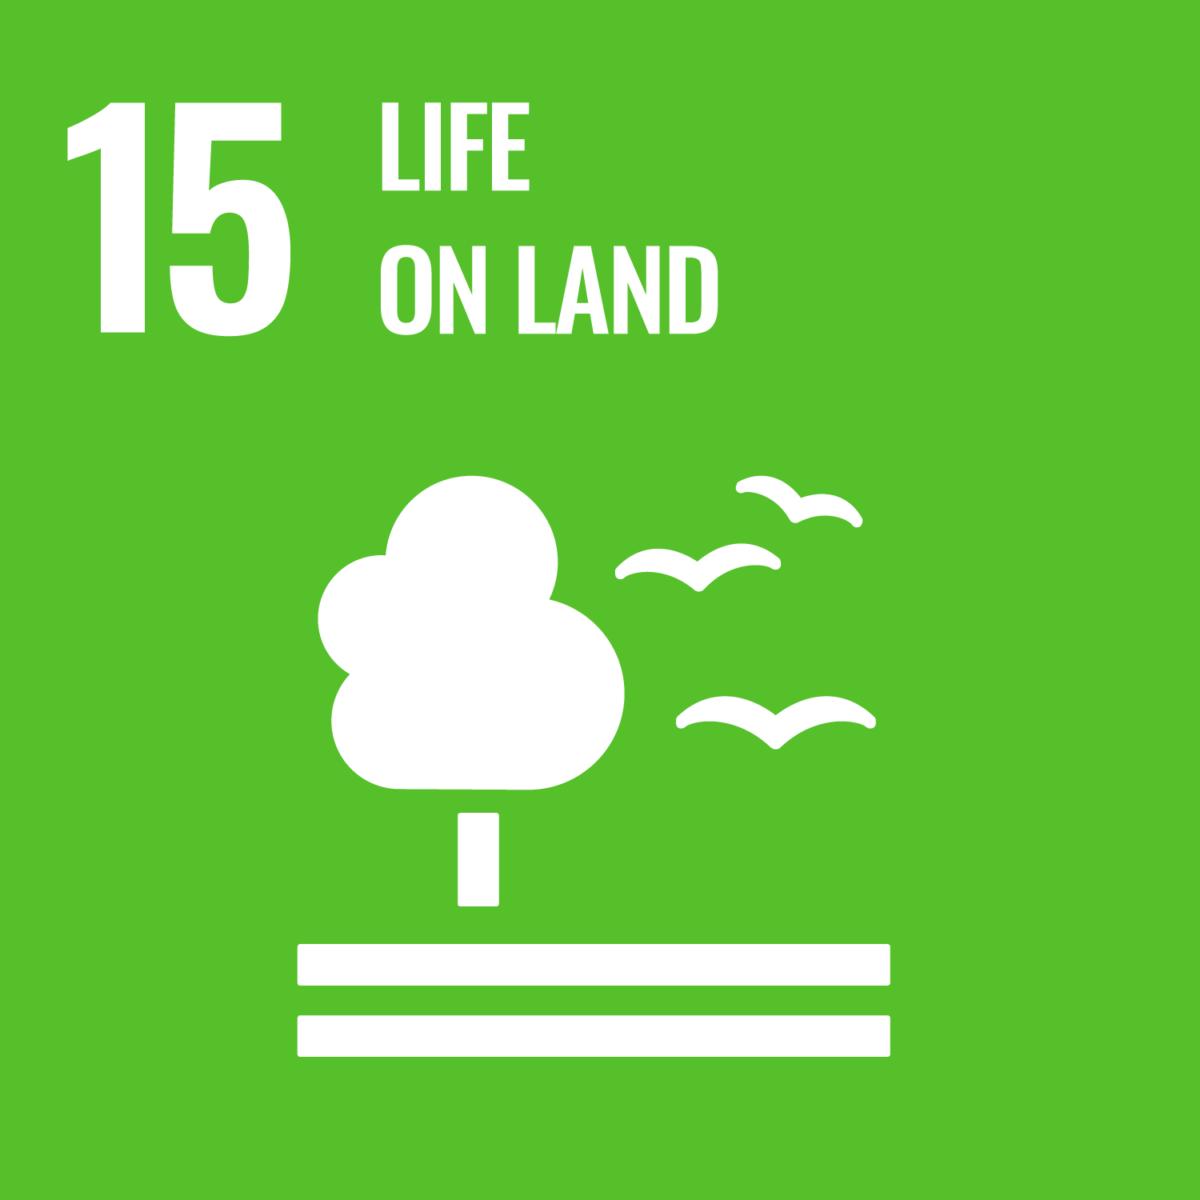 UN Sustainable Development Goal 15: Life on Land